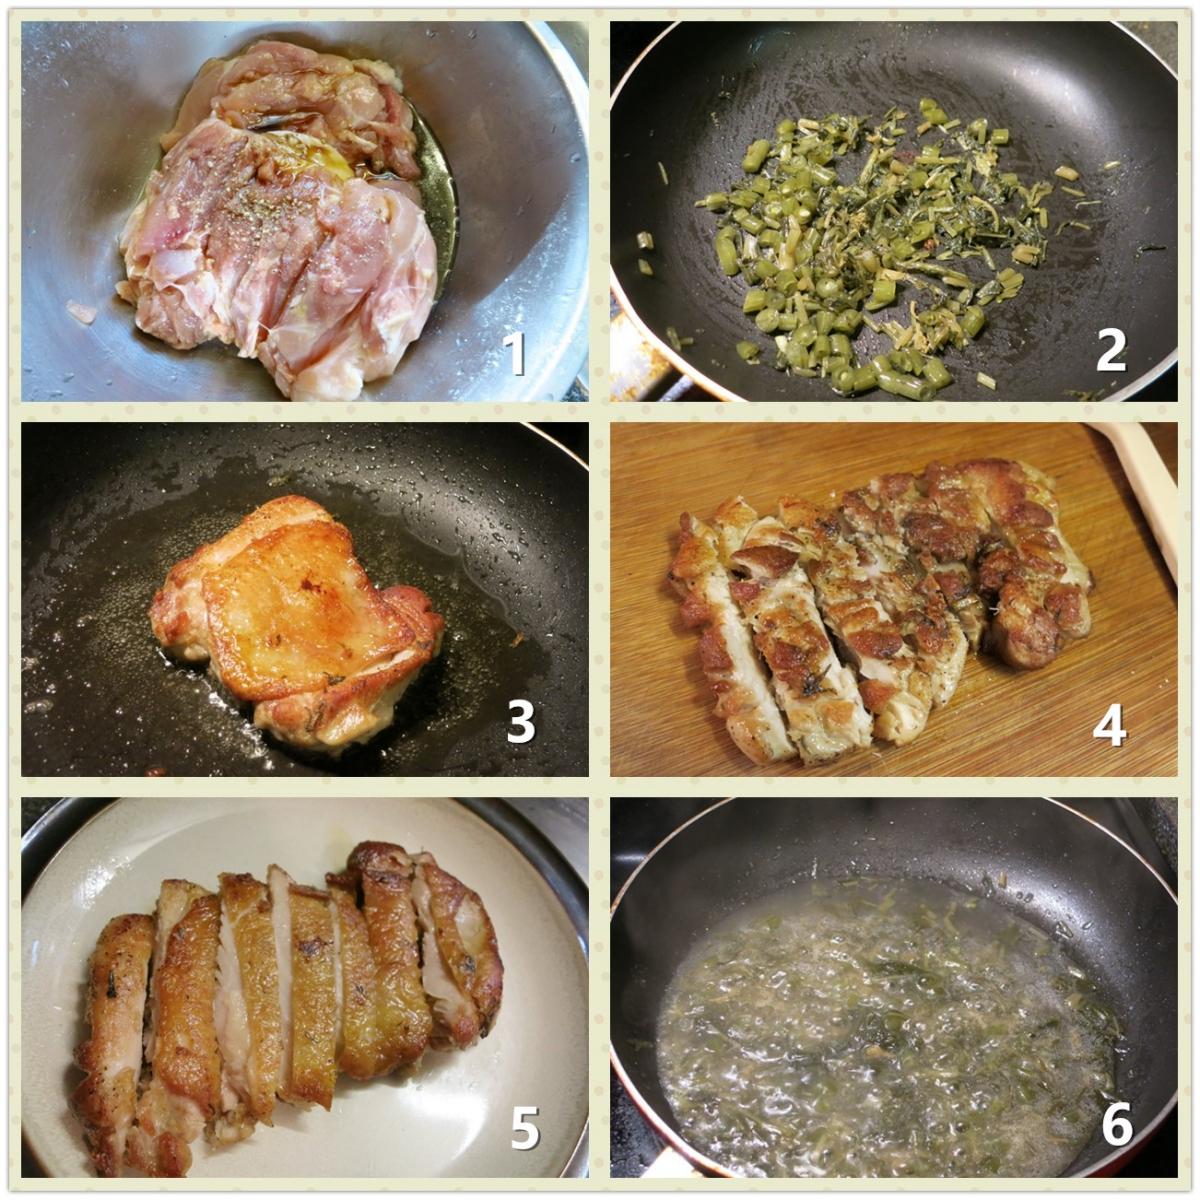 雪菜鸡排_图1-2